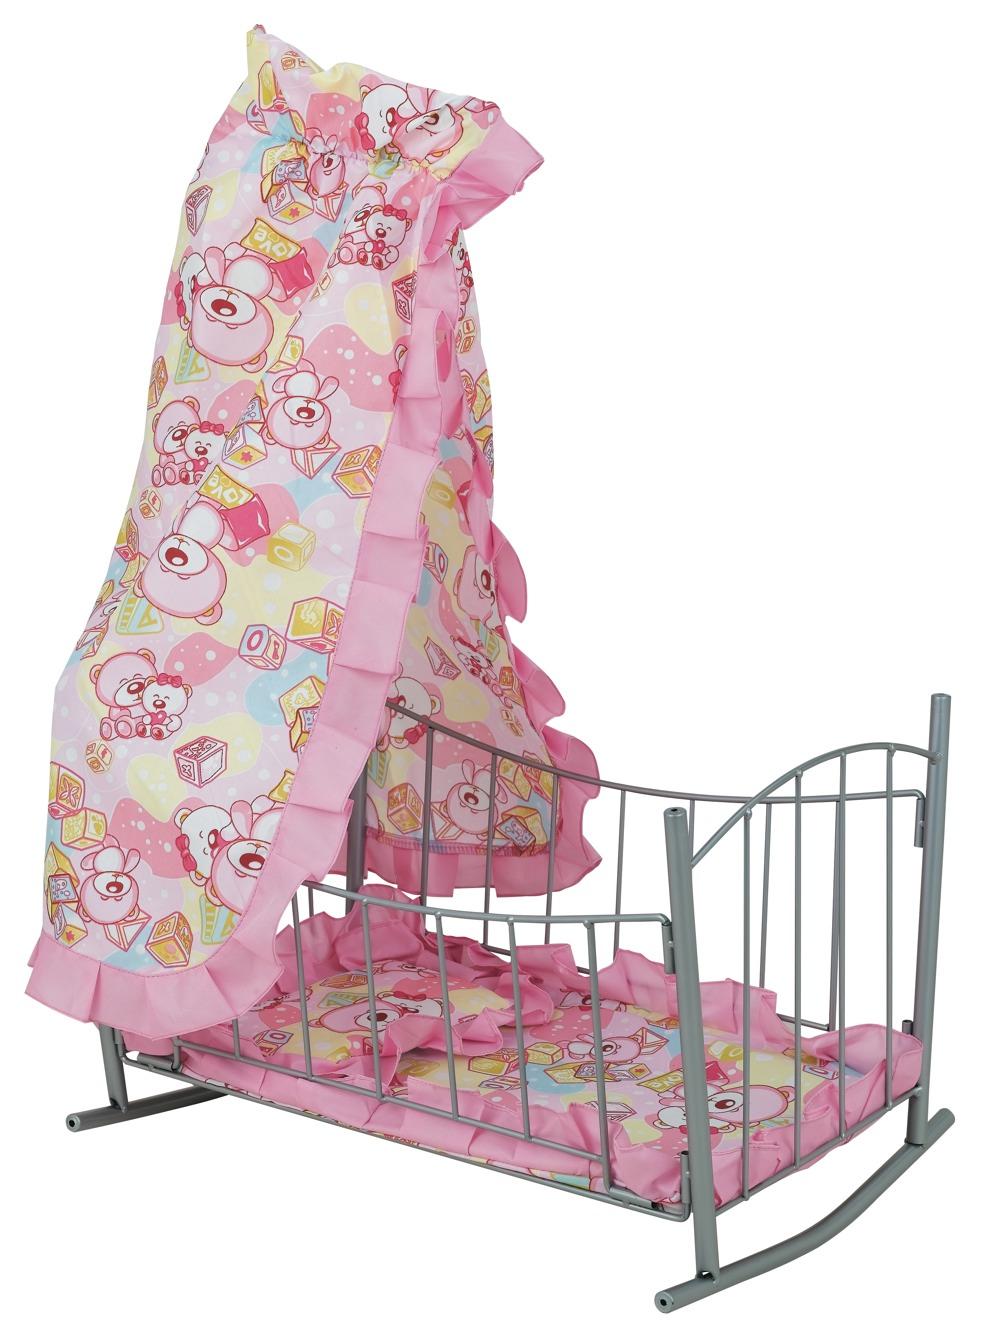 Кроватка для куклы с балдахином - Детские кроватки для кукол, артикул: 7177